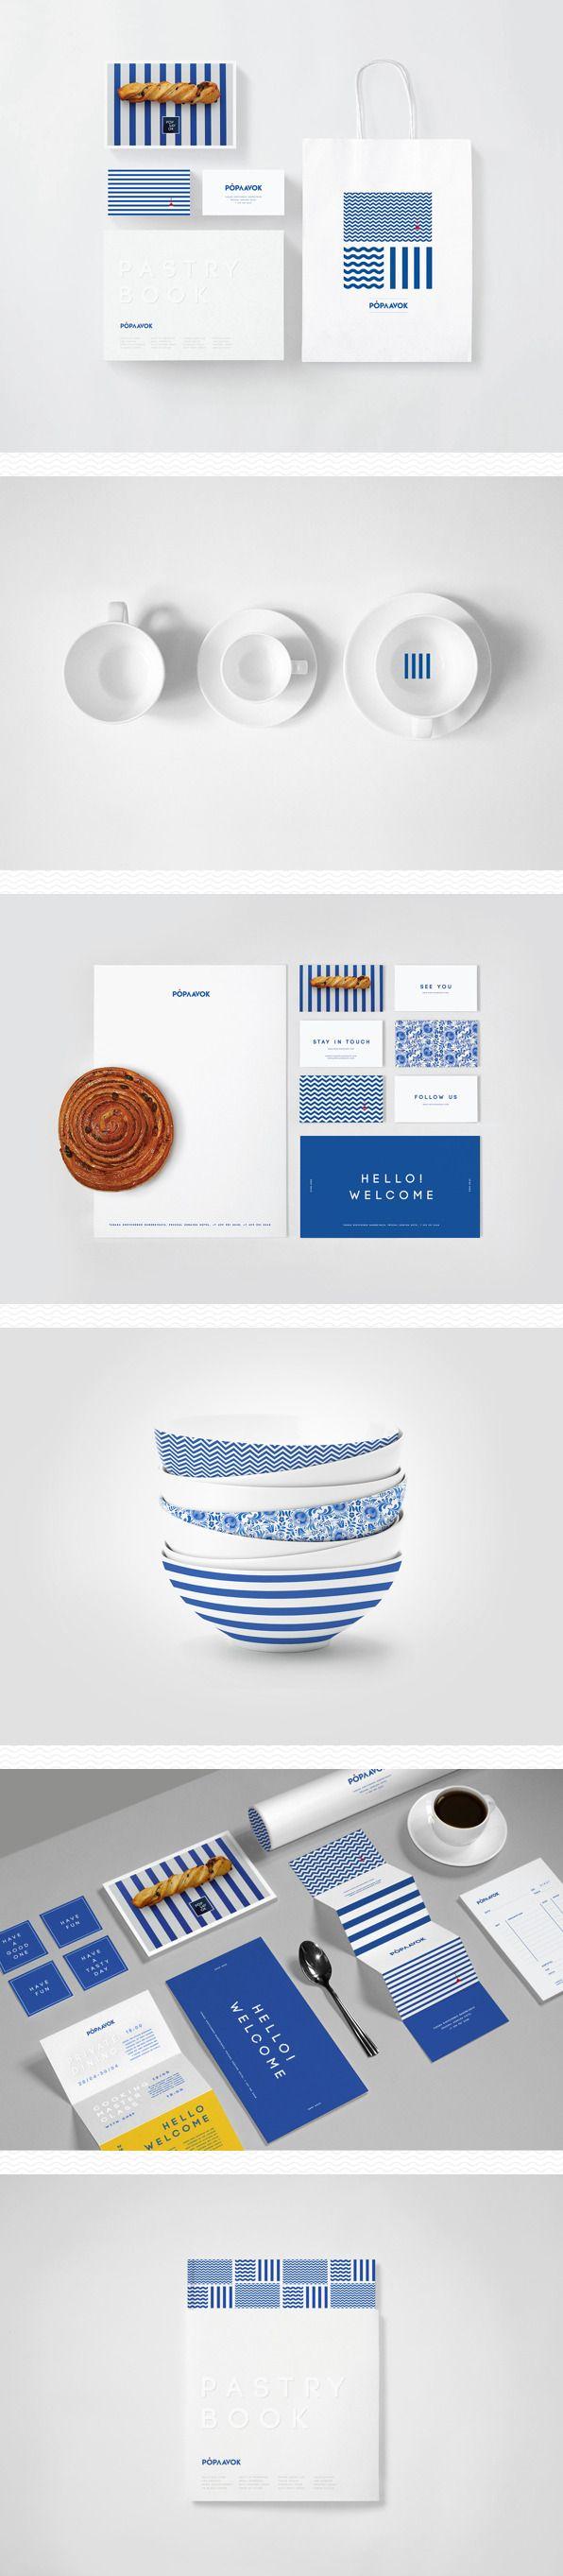 Poplavok identity | #stationary #corporate #design #corporatedesign #identity #branding #marketing < repinned by www.BlickeDeeler.de | Take a look at www.LogoGestaltung-Hamburg.de